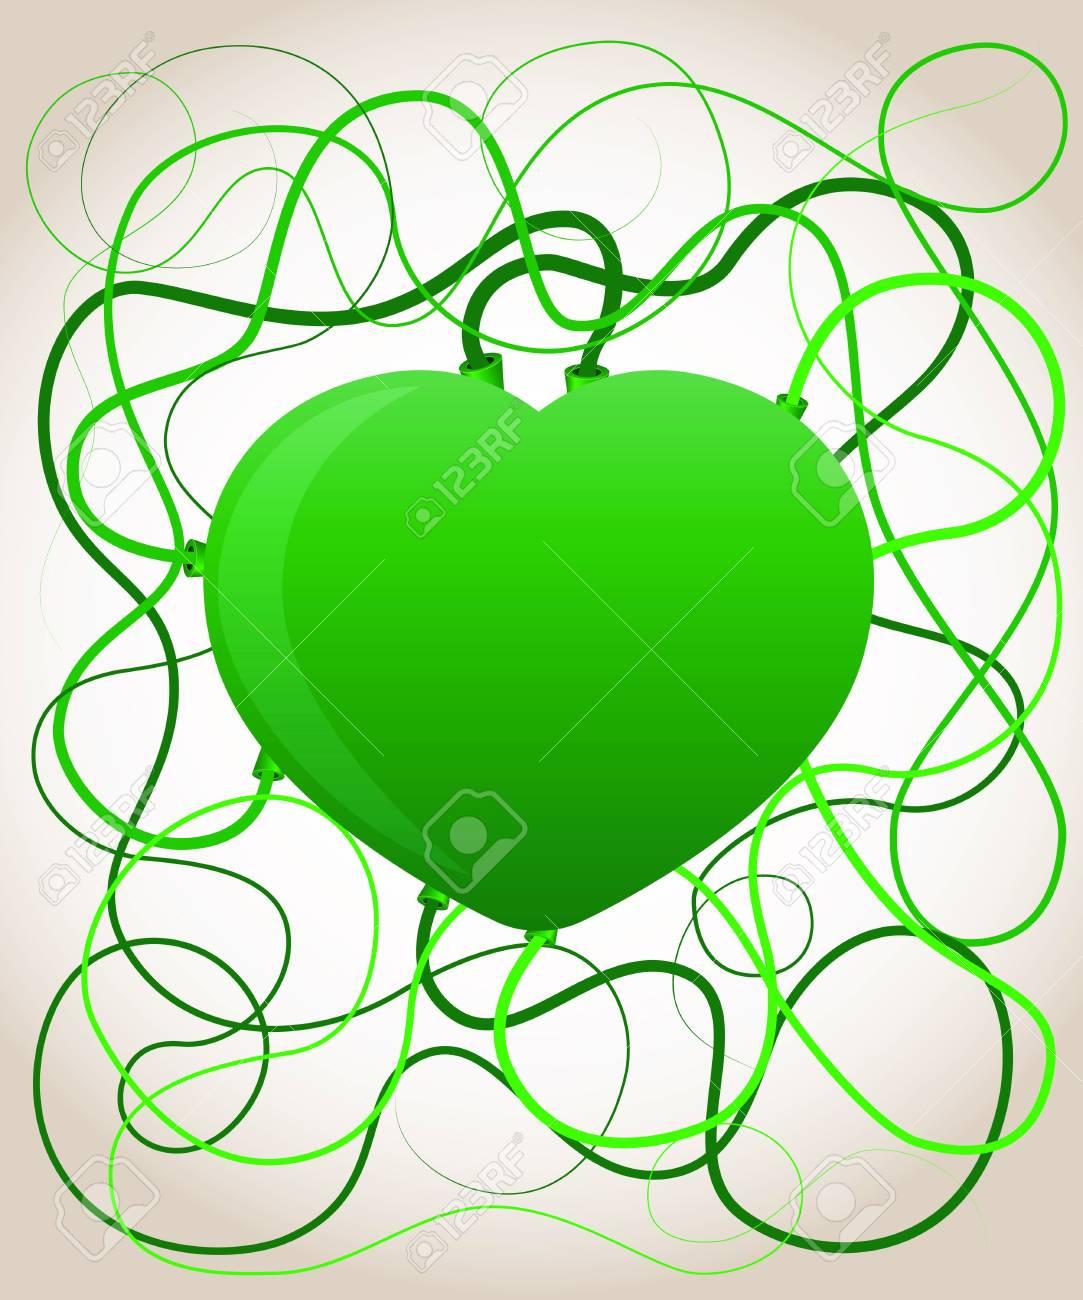 Green heart. Ecology concept. Stock Vector - 17179946